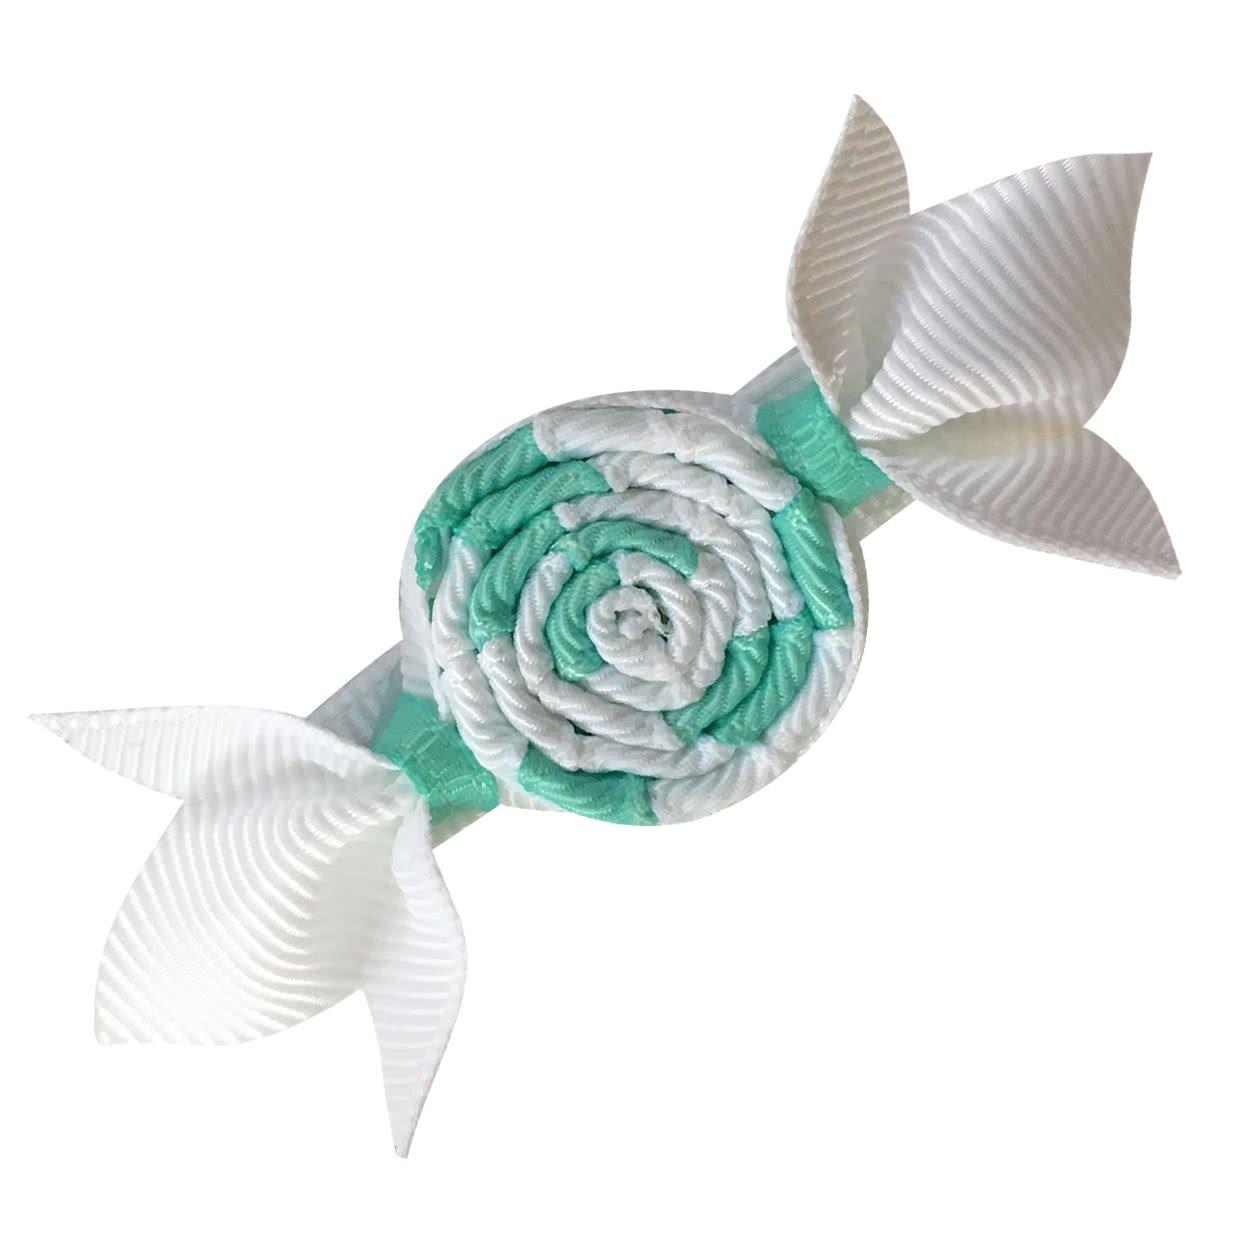 Image of Milledeux® Bonbon - alligator clip - aqua